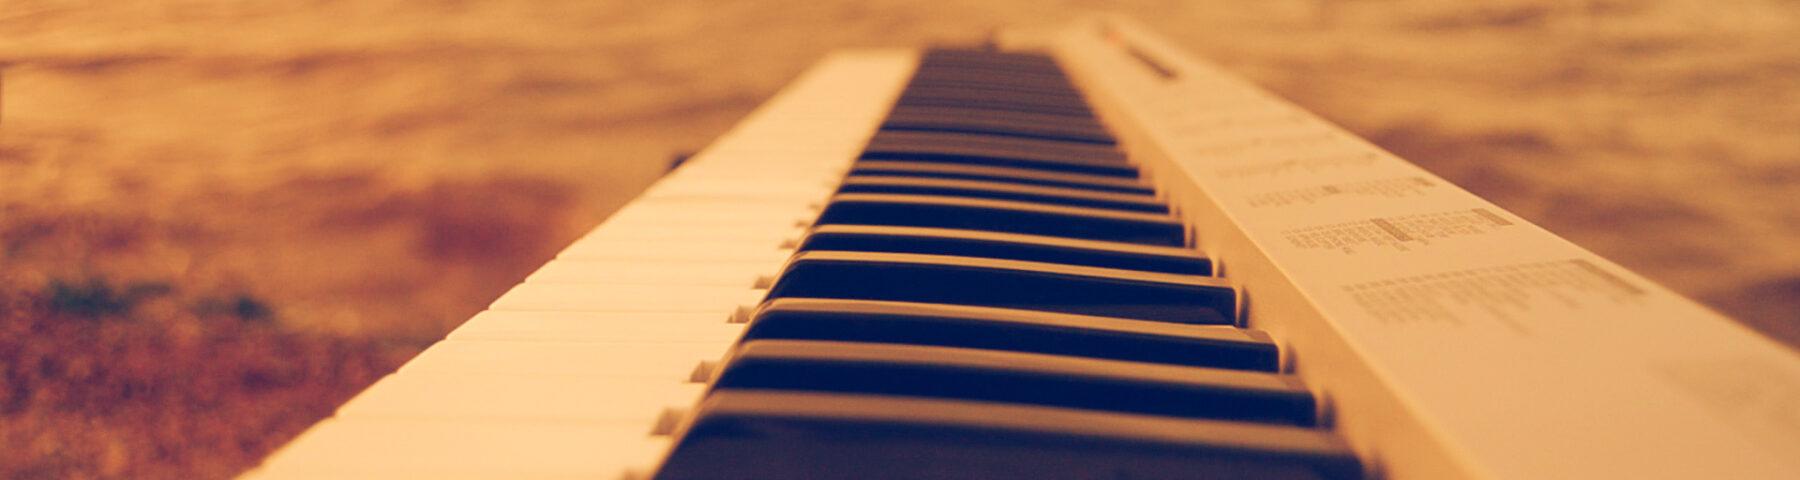 Santiago Trigueros Music